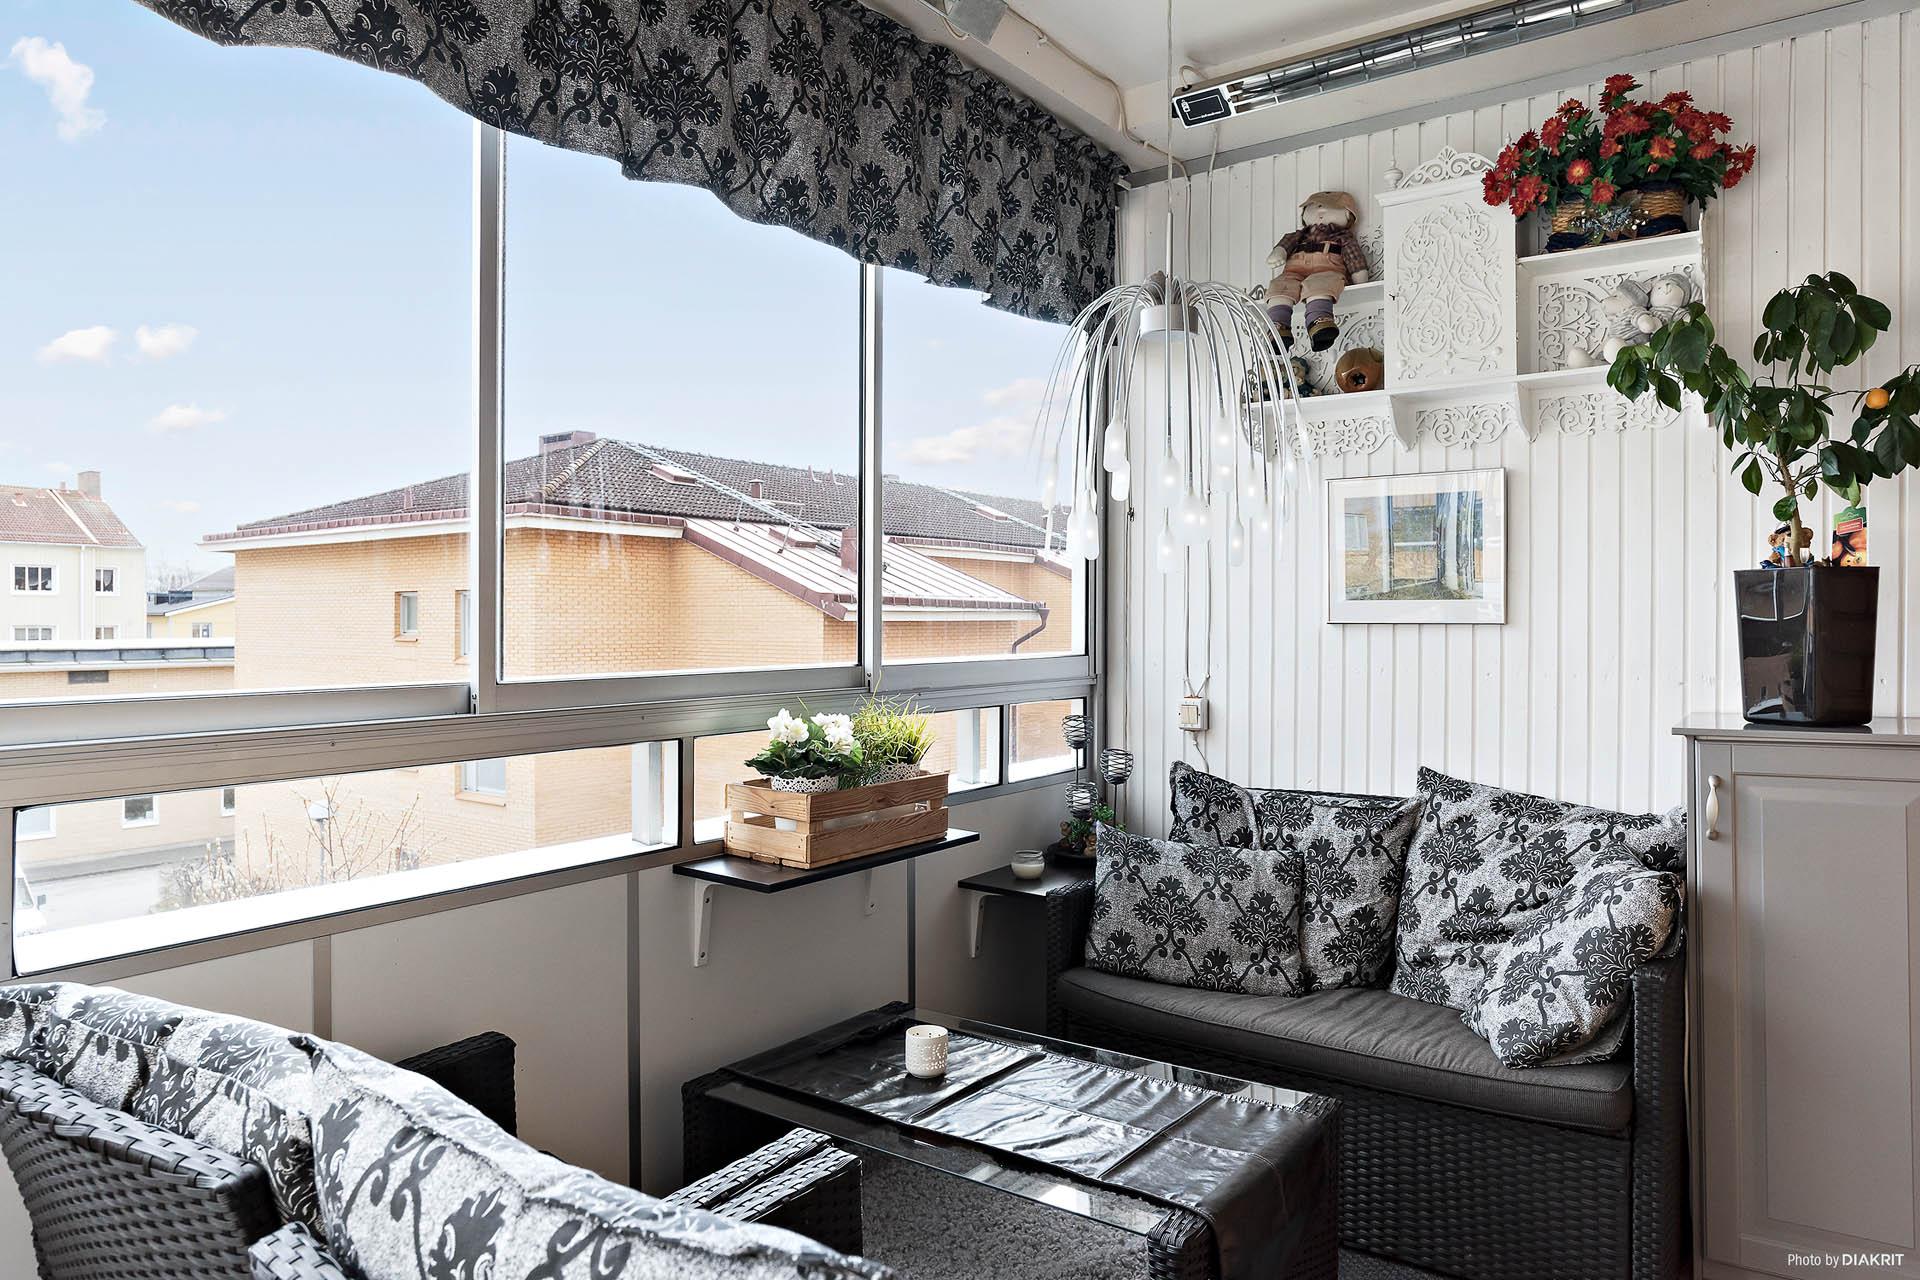 Inglasad balkong mot innergård med skjutbara fönsterpartier. Persienner för sol- och insynsskydd.